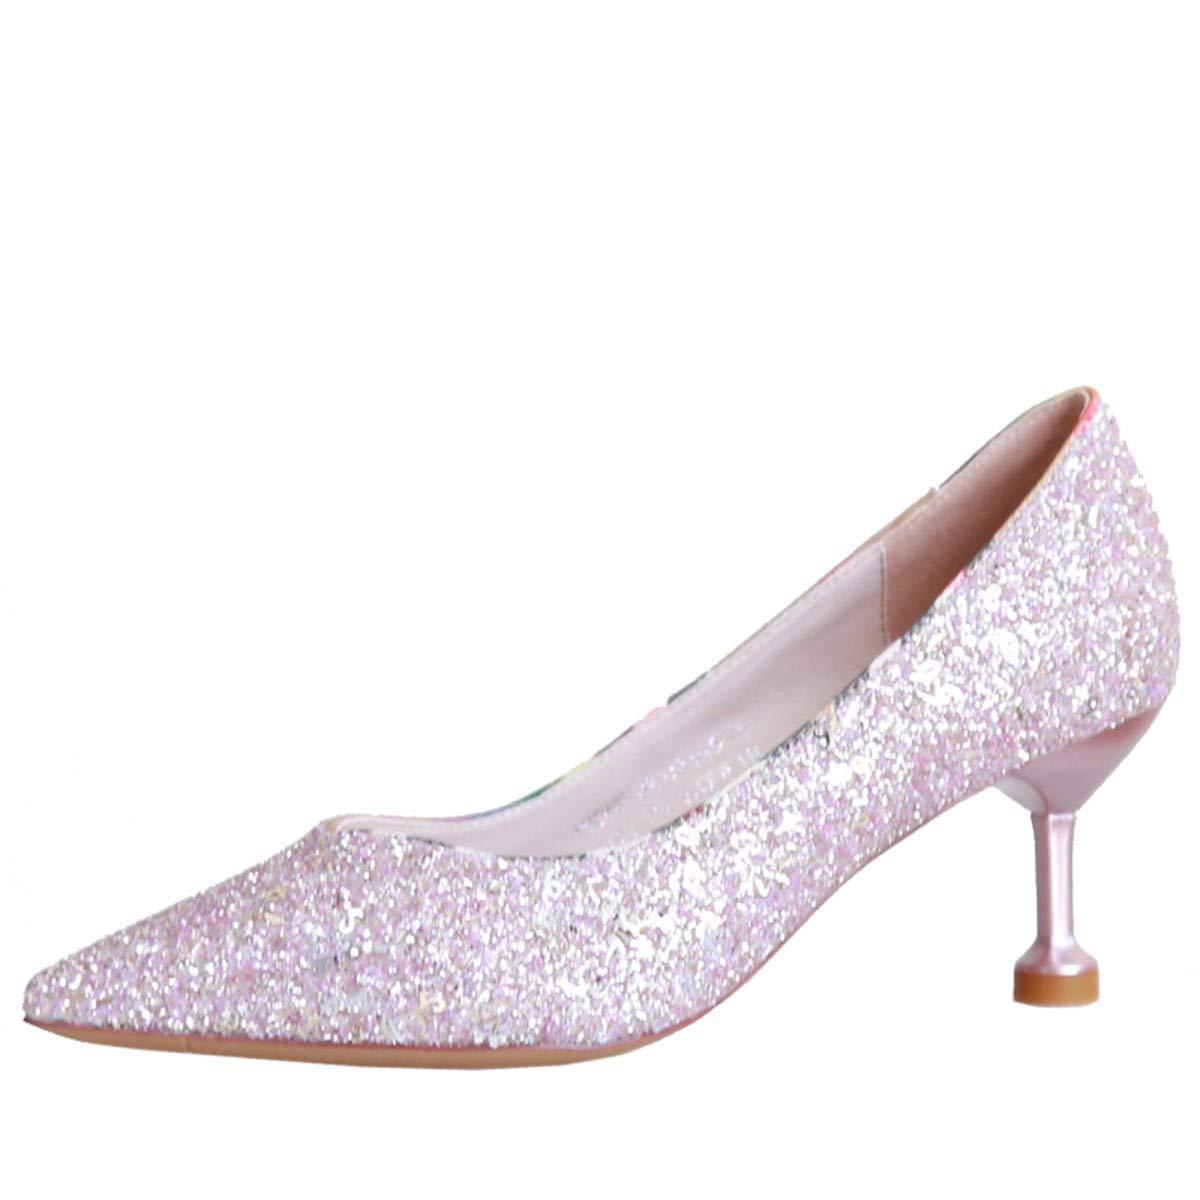 KPHY Damenschuhe/Im Herbst Kristall-Schuhe Fein Hacken 6 cm High High High Heels Mode und Pailletten Spitzen-und Schuhe Meine Schuhe.39 Die Silbernen - a243df